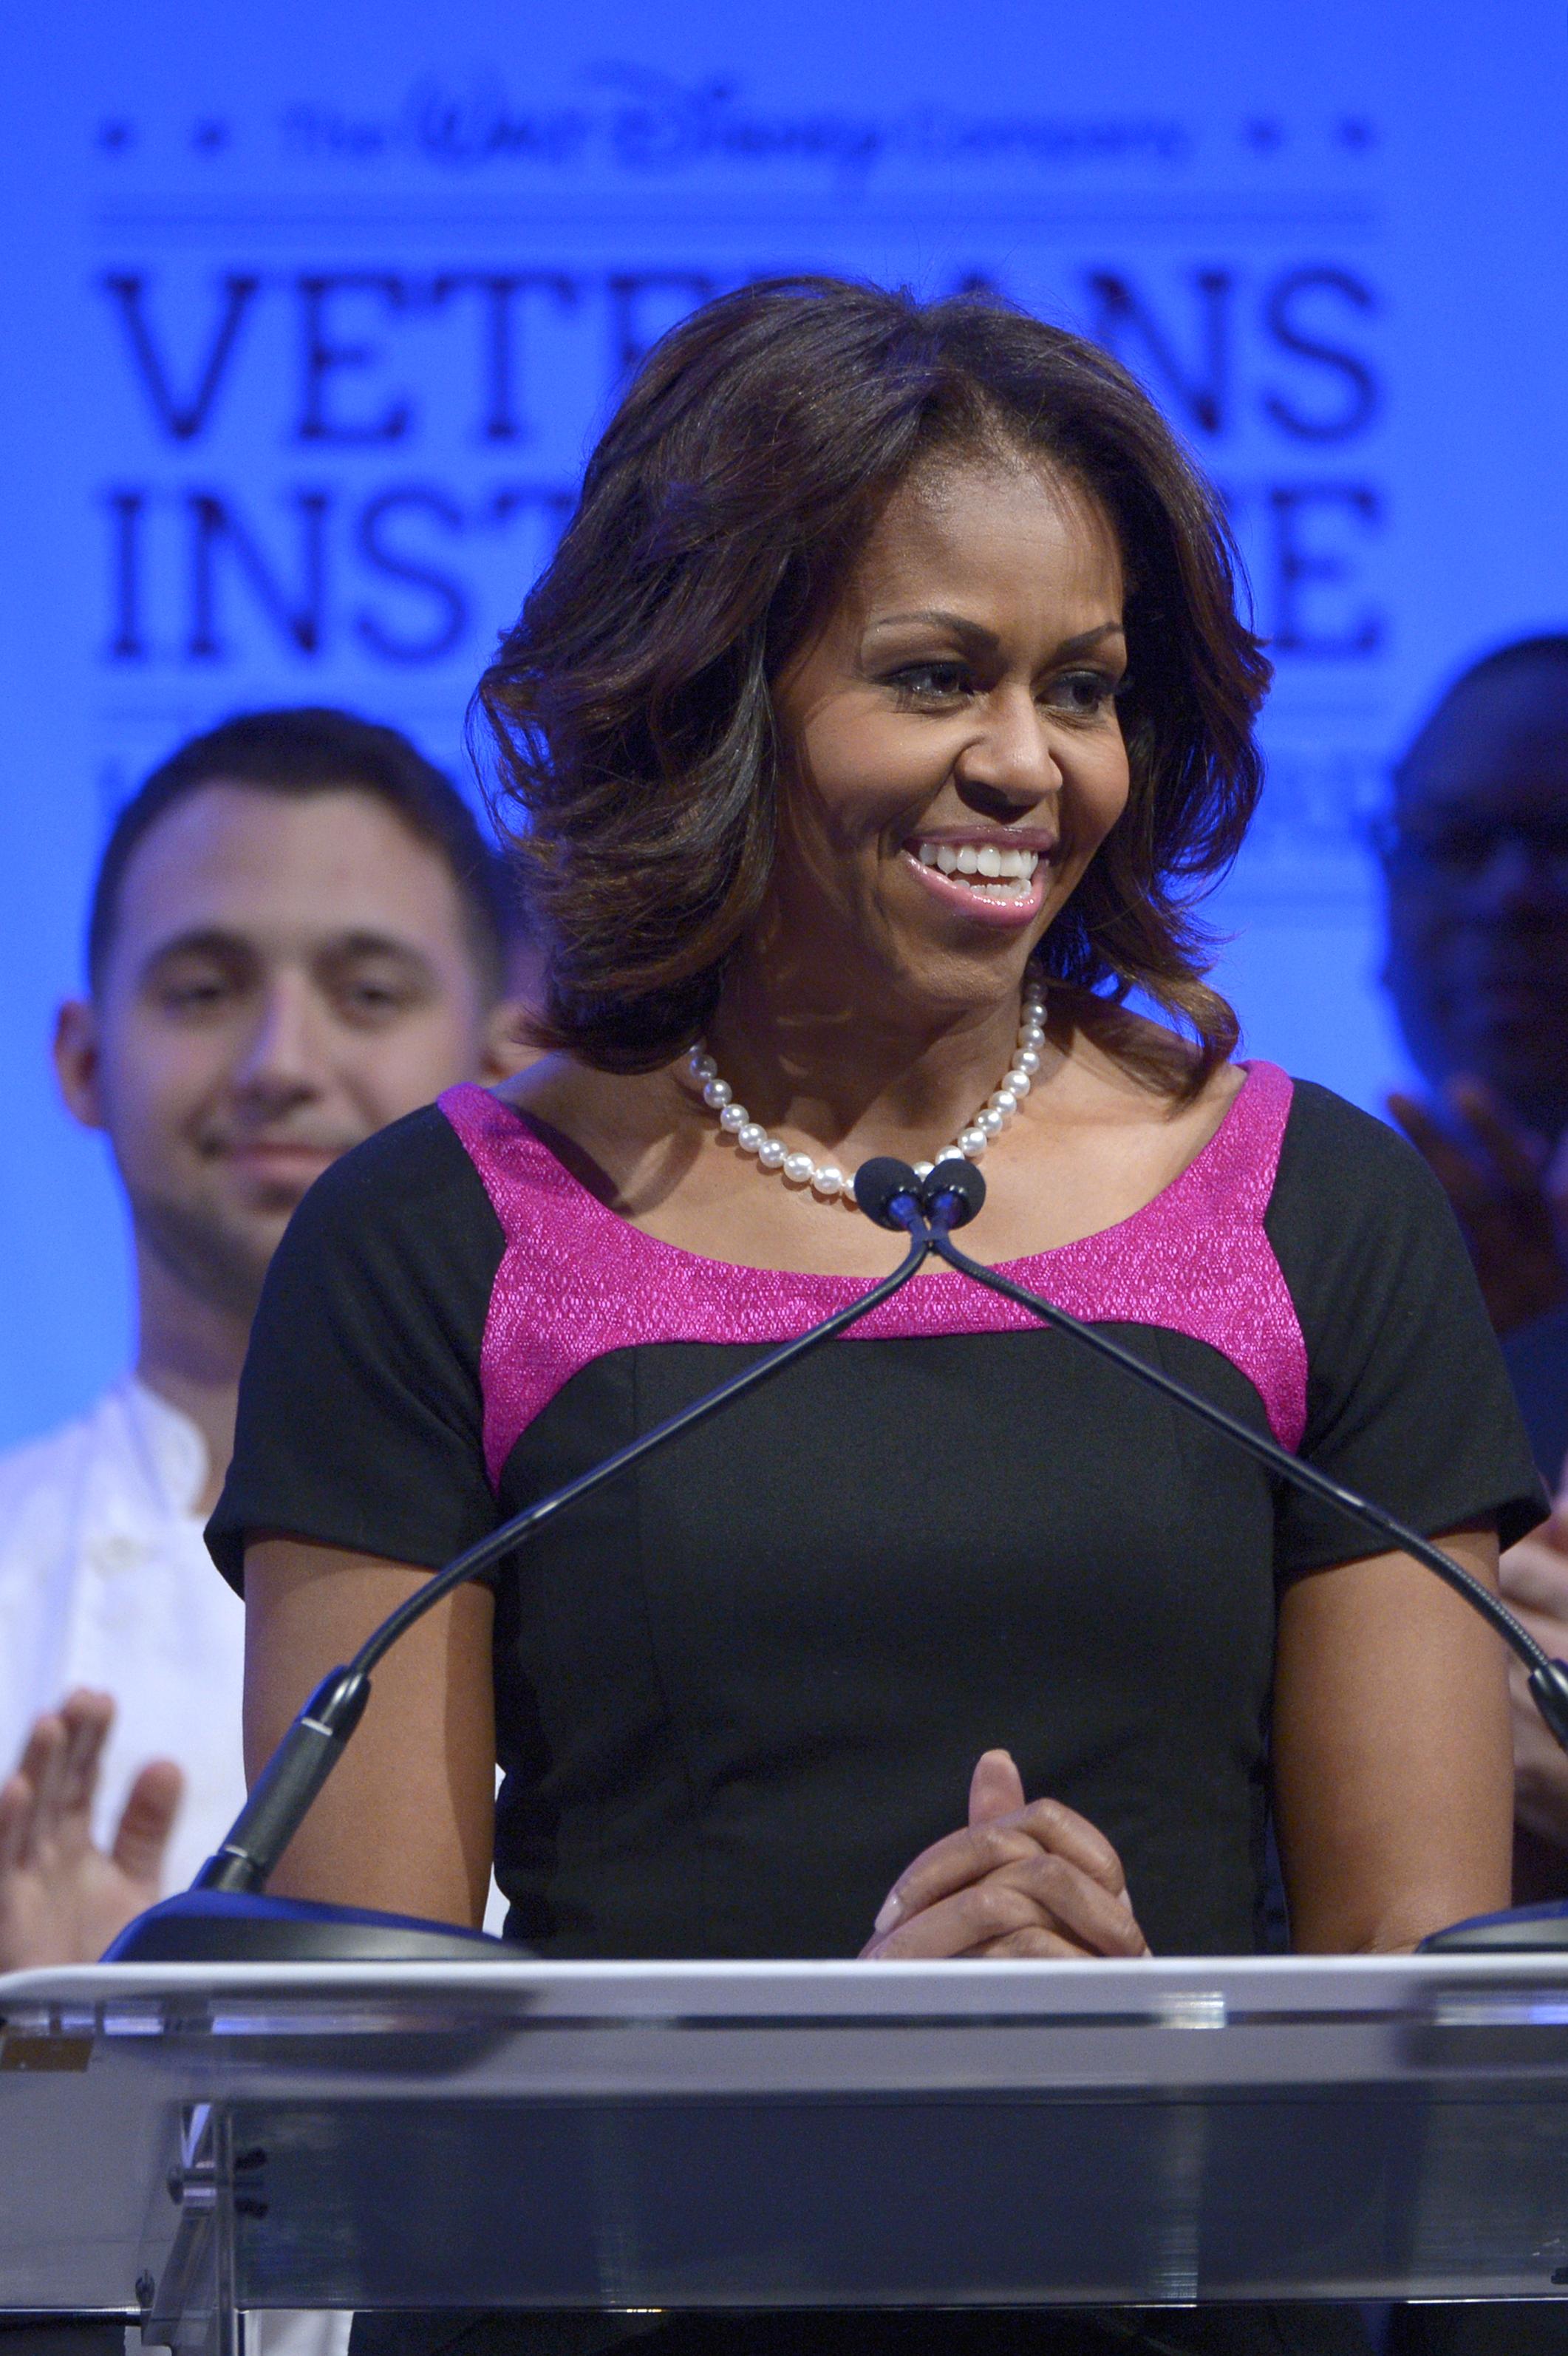 Мишель Обама следит за своим питанием и занимается спортом